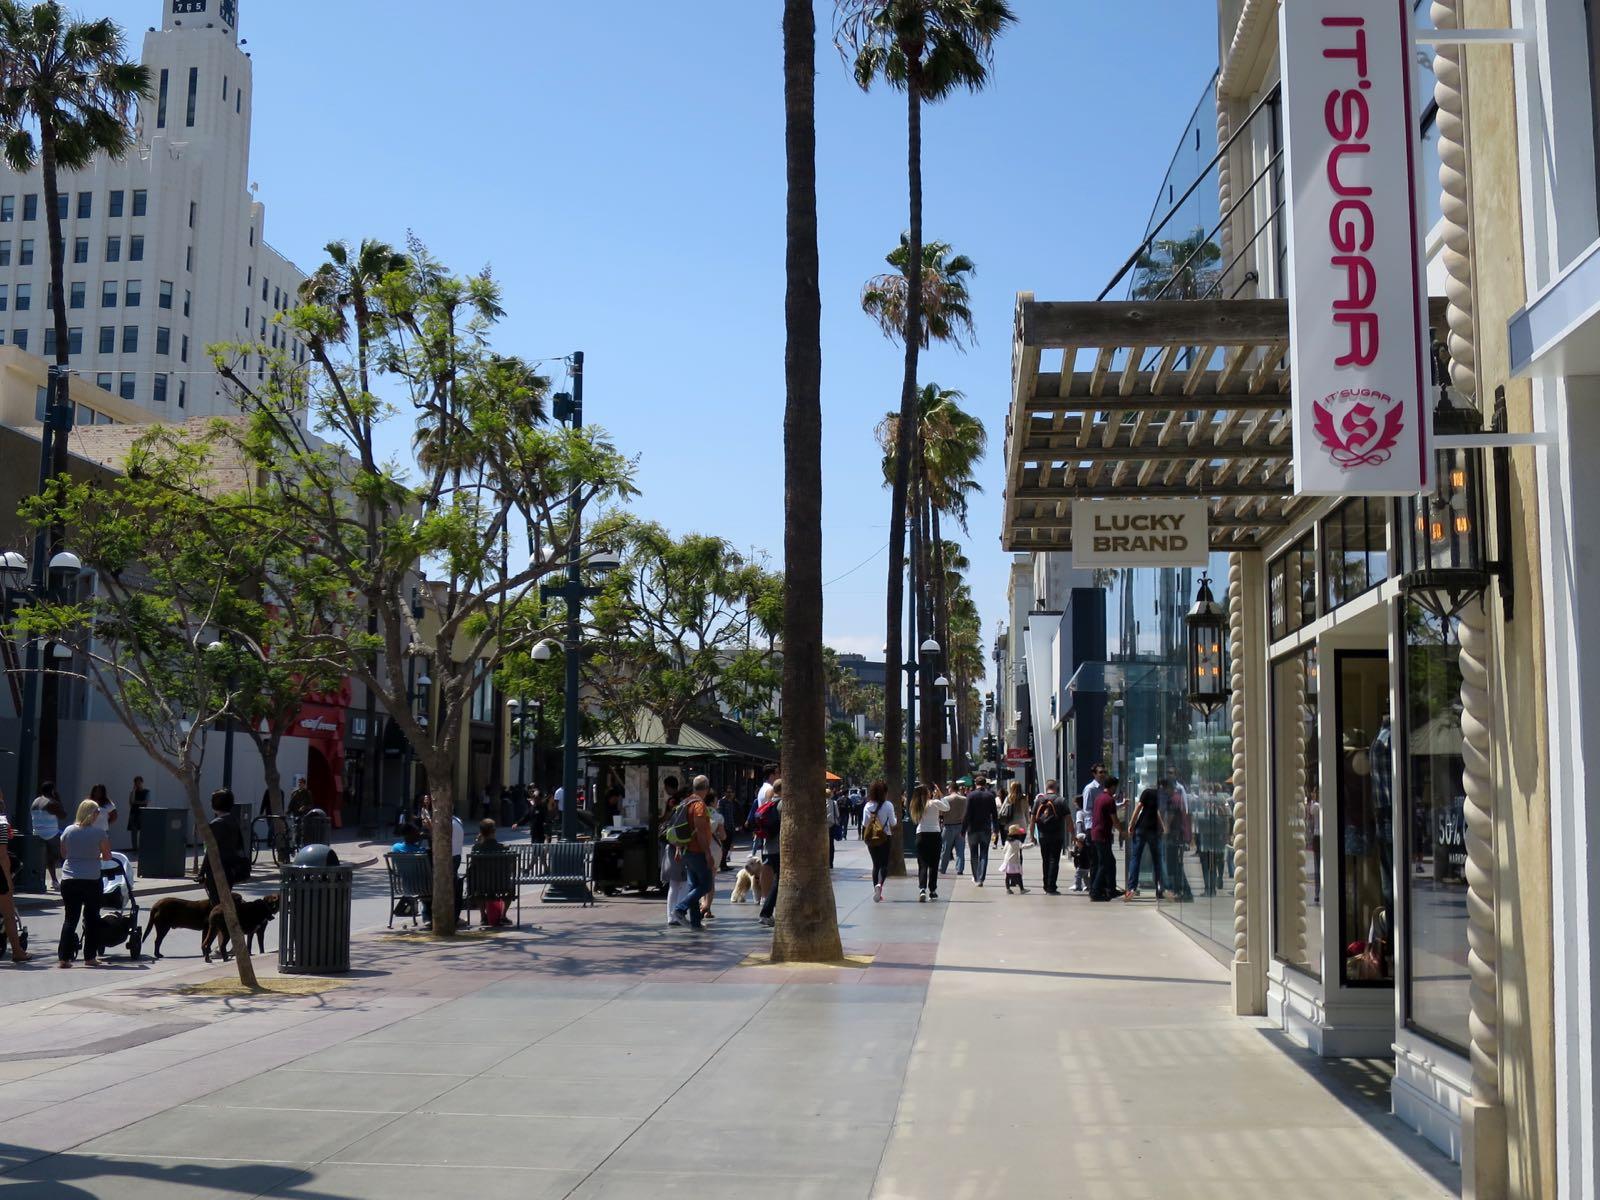 Santa Monican kävelykatu